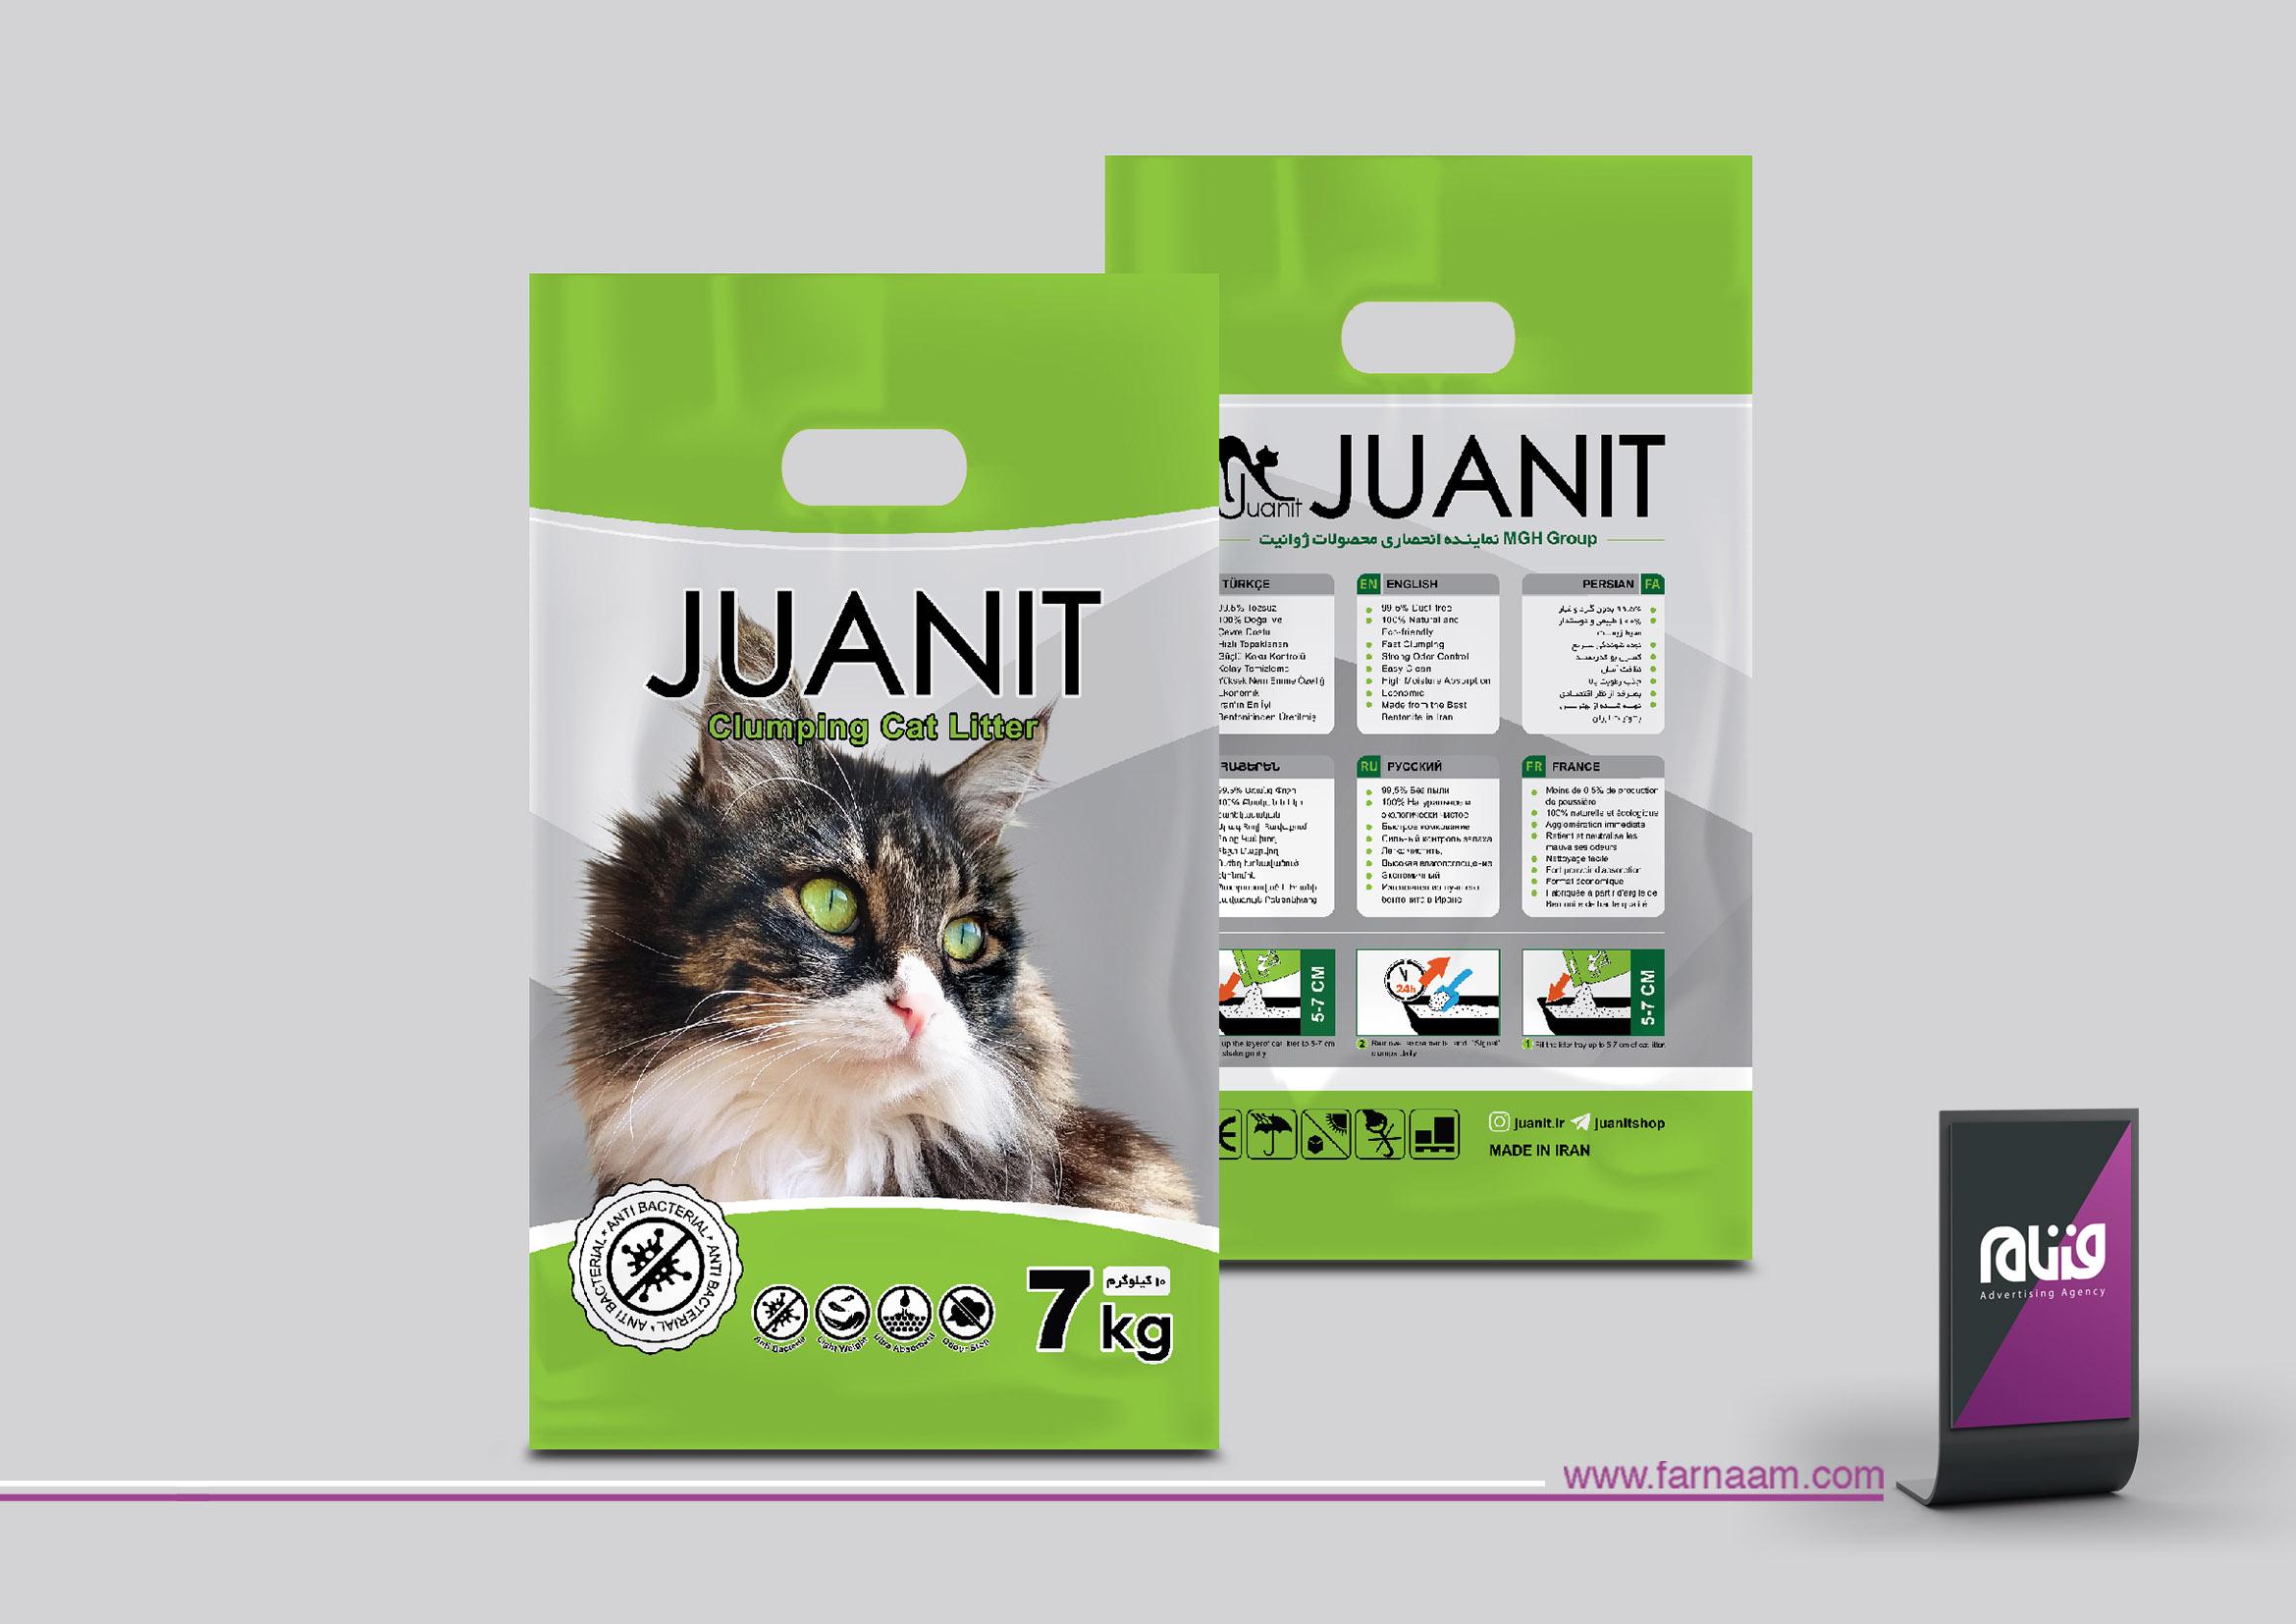 طراحی بسته بندی خاک گربه ژوانیت